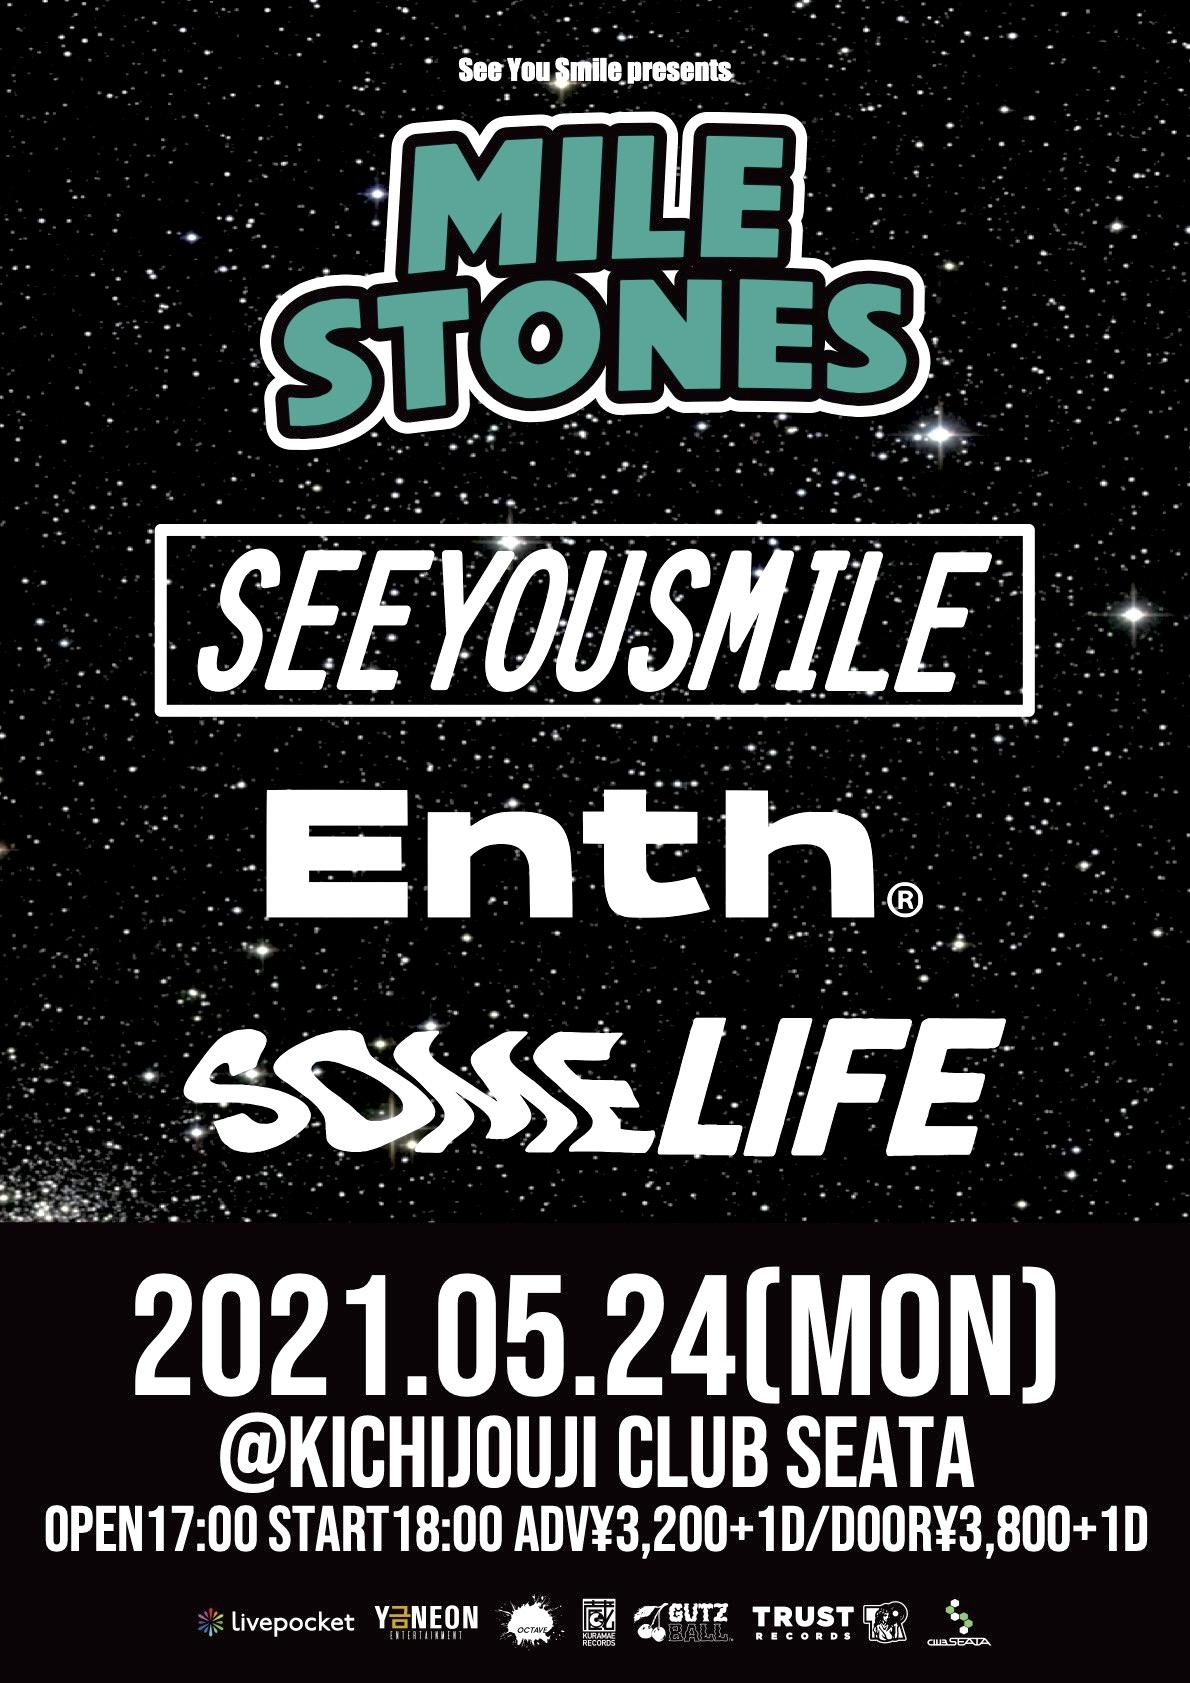 See You Smile pre 「MILESTONES」